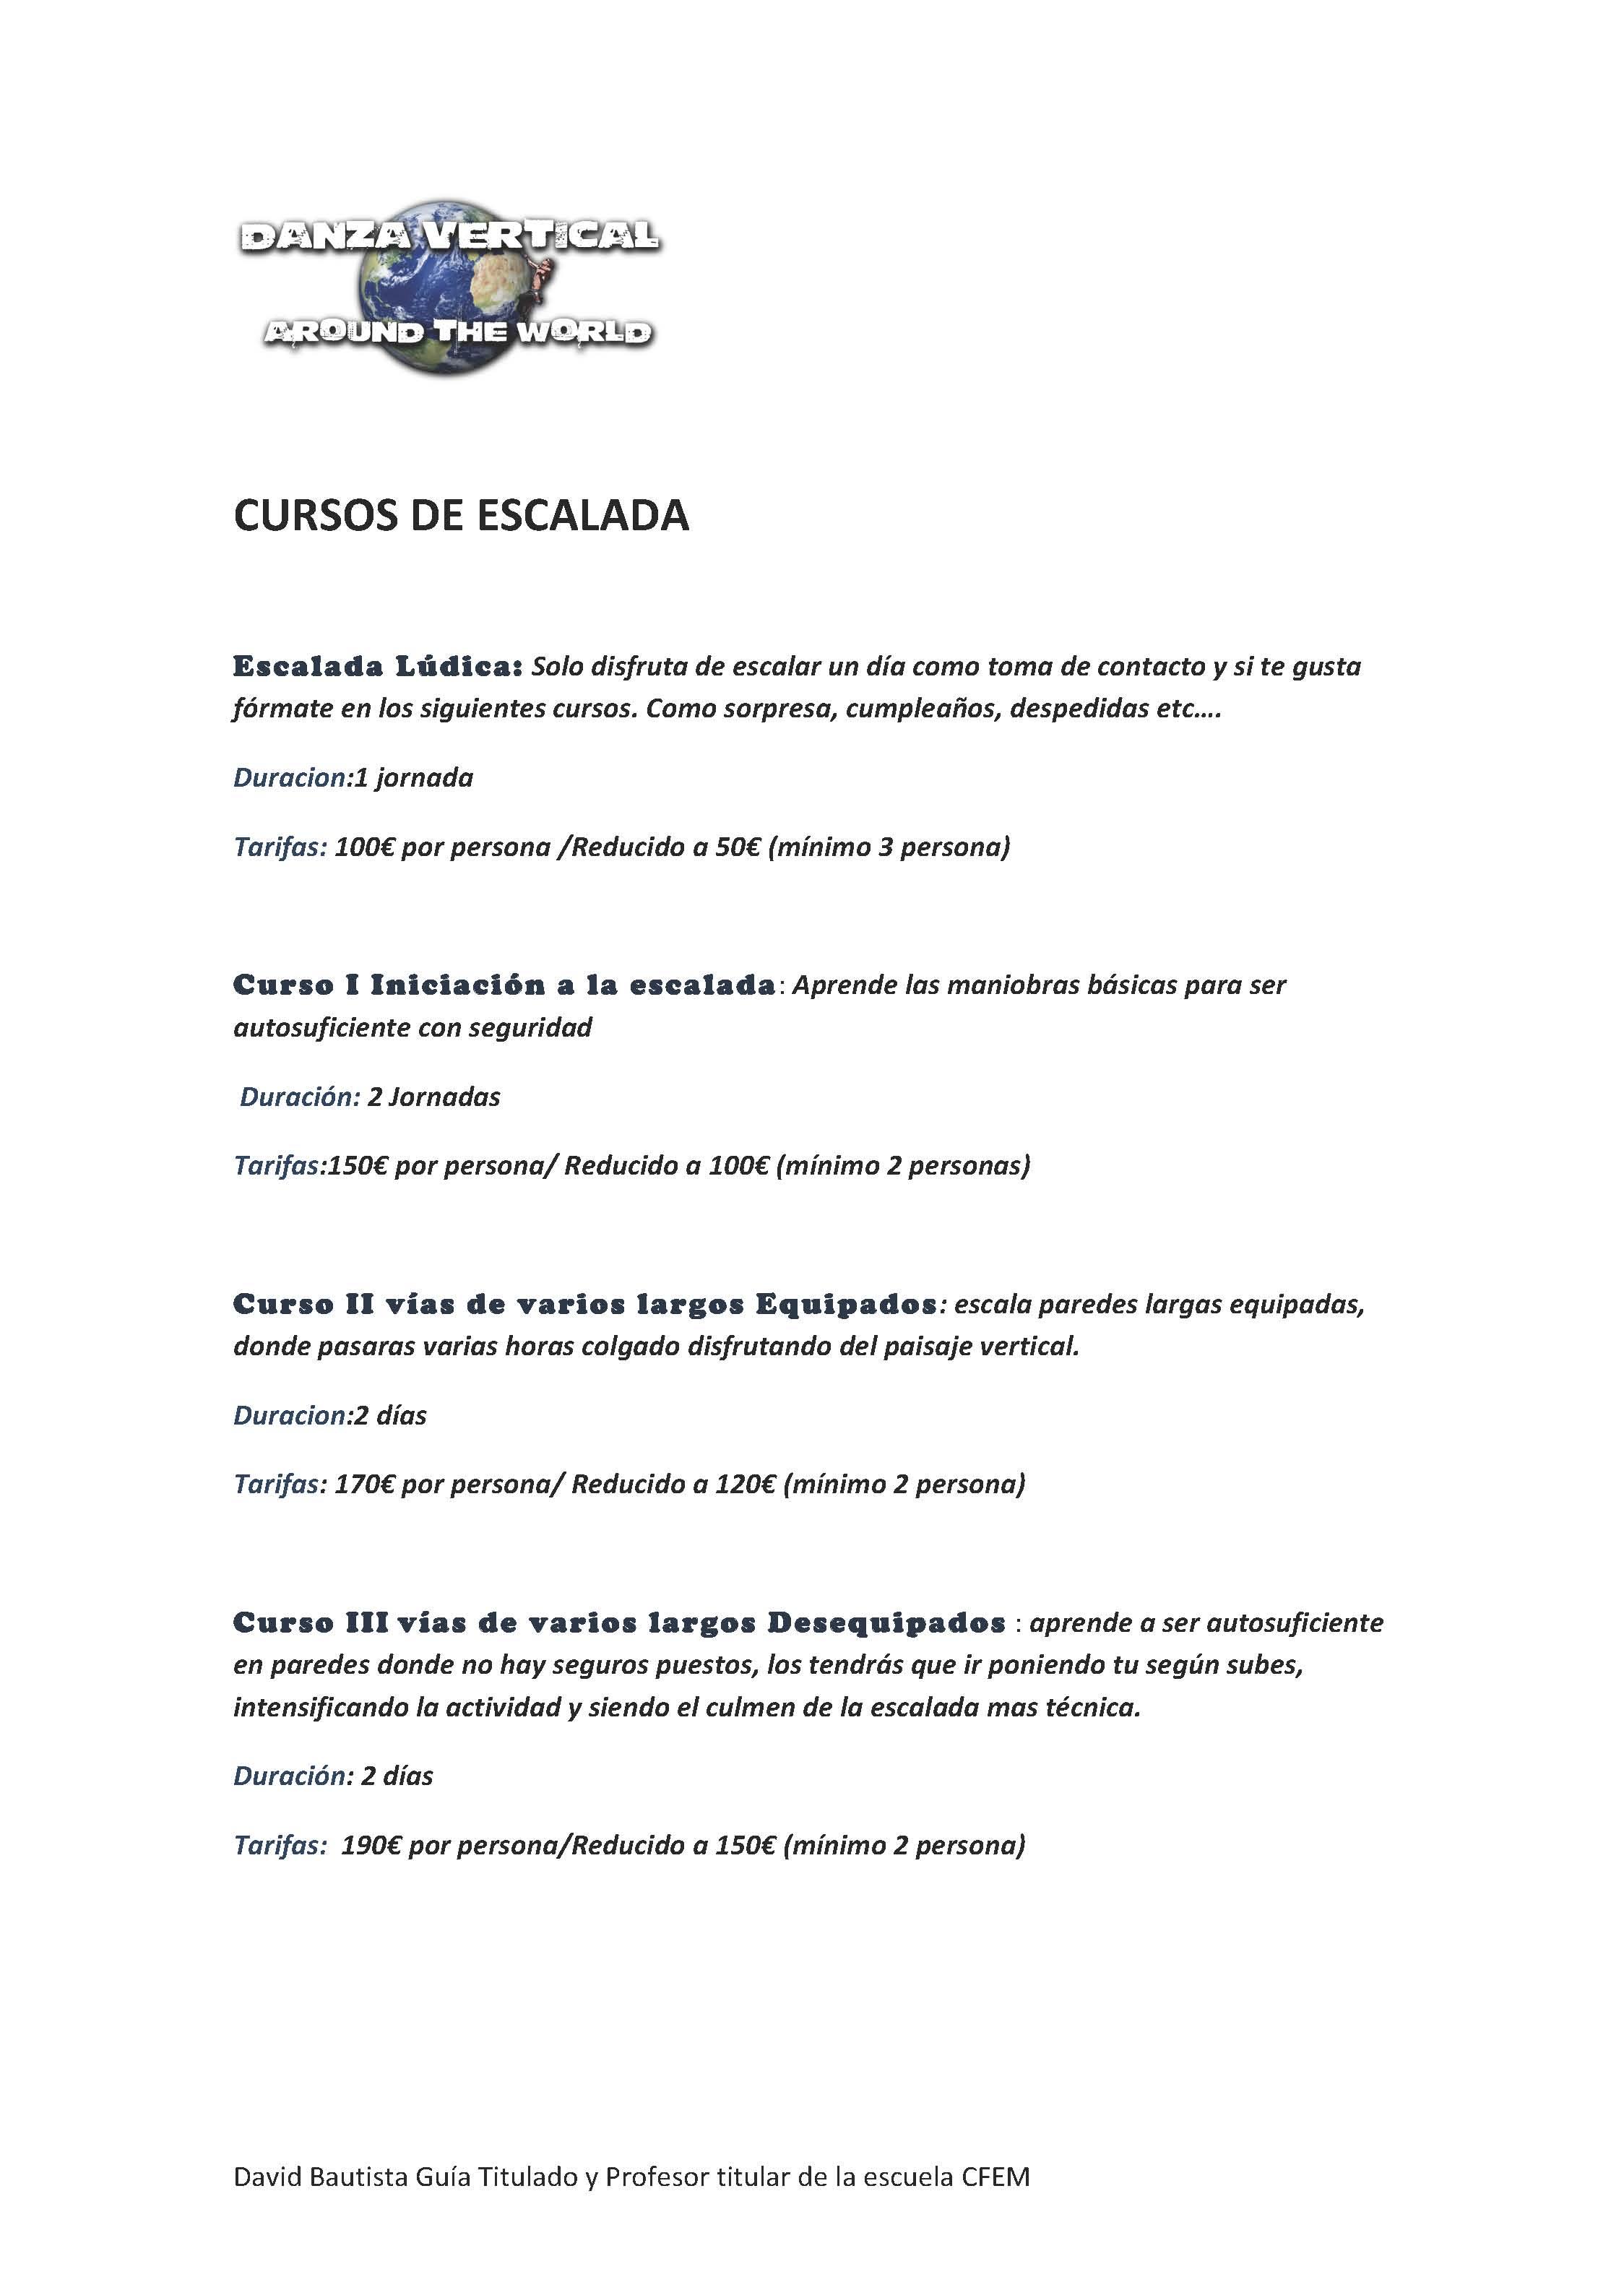 Cursos escalada UPM_Page_1